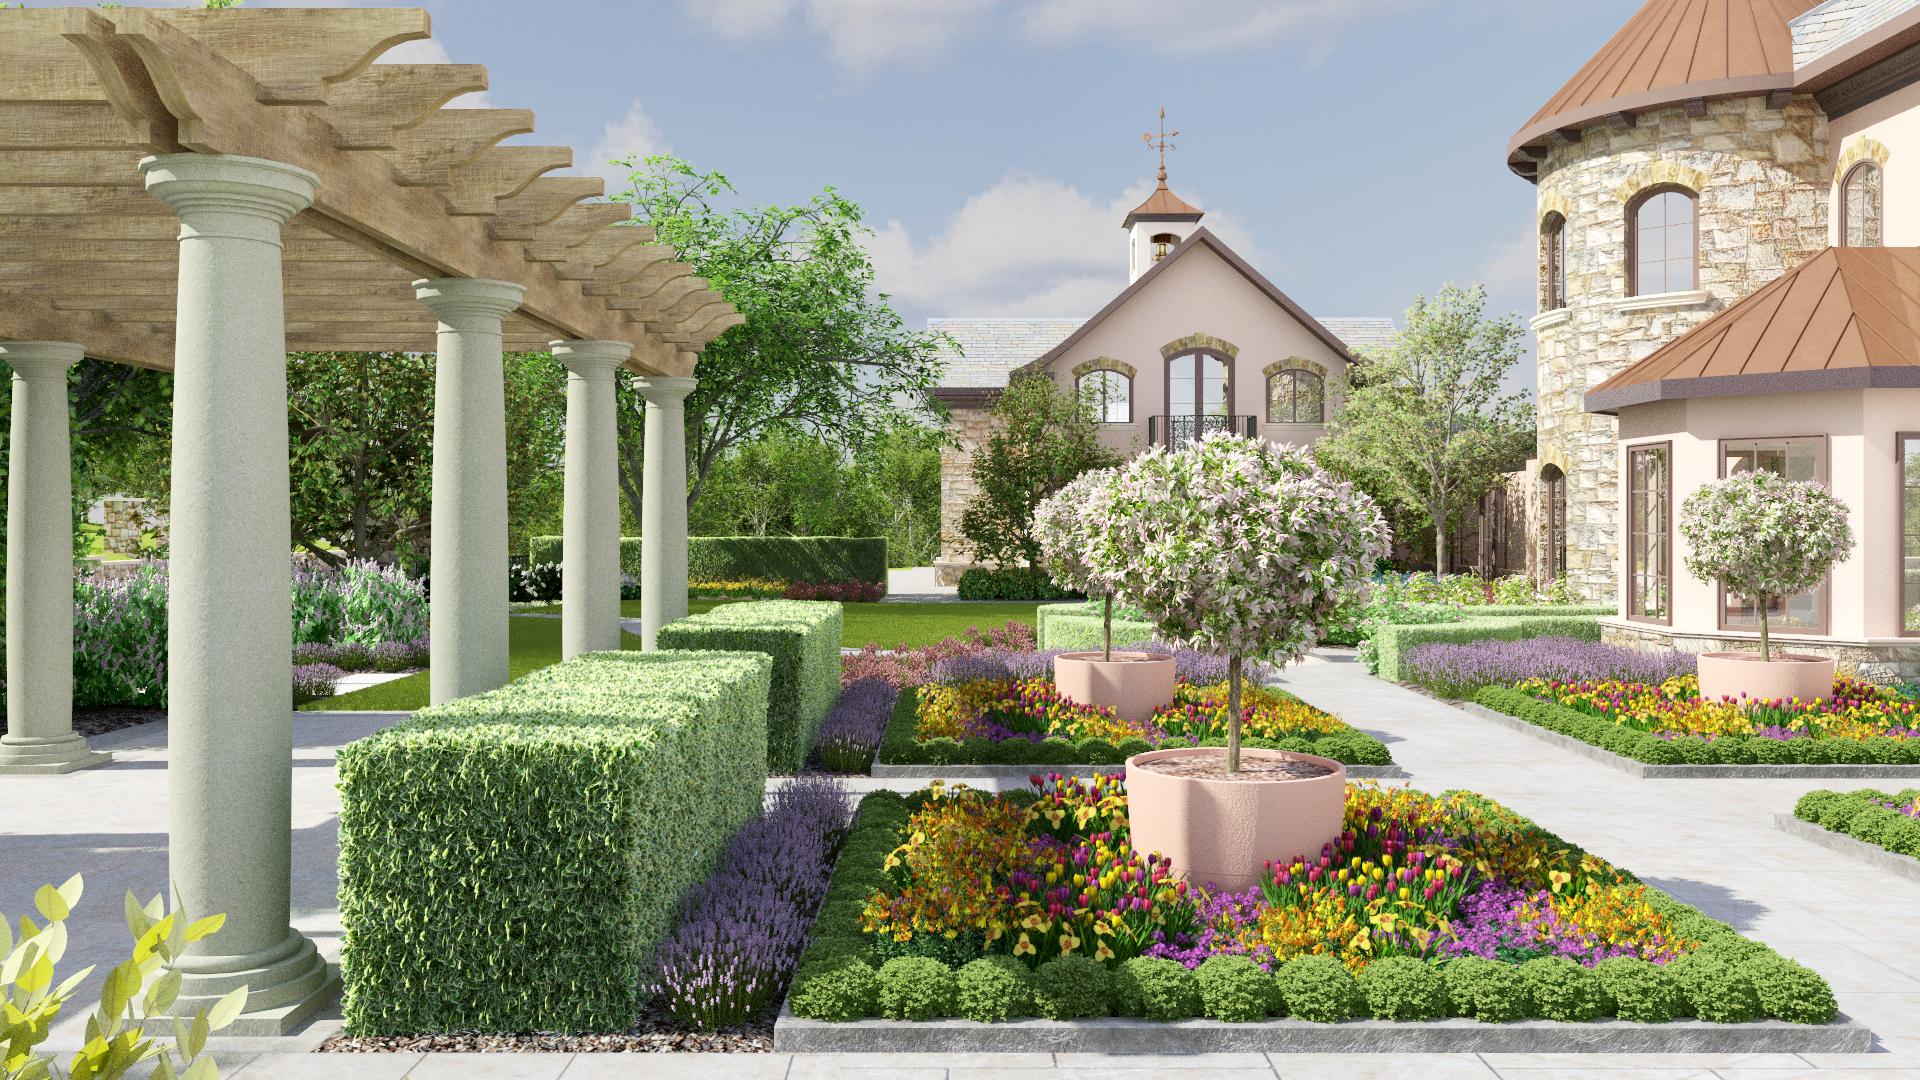 1389-BF_Castlebrook_Kitchen Garden_Final.jpg